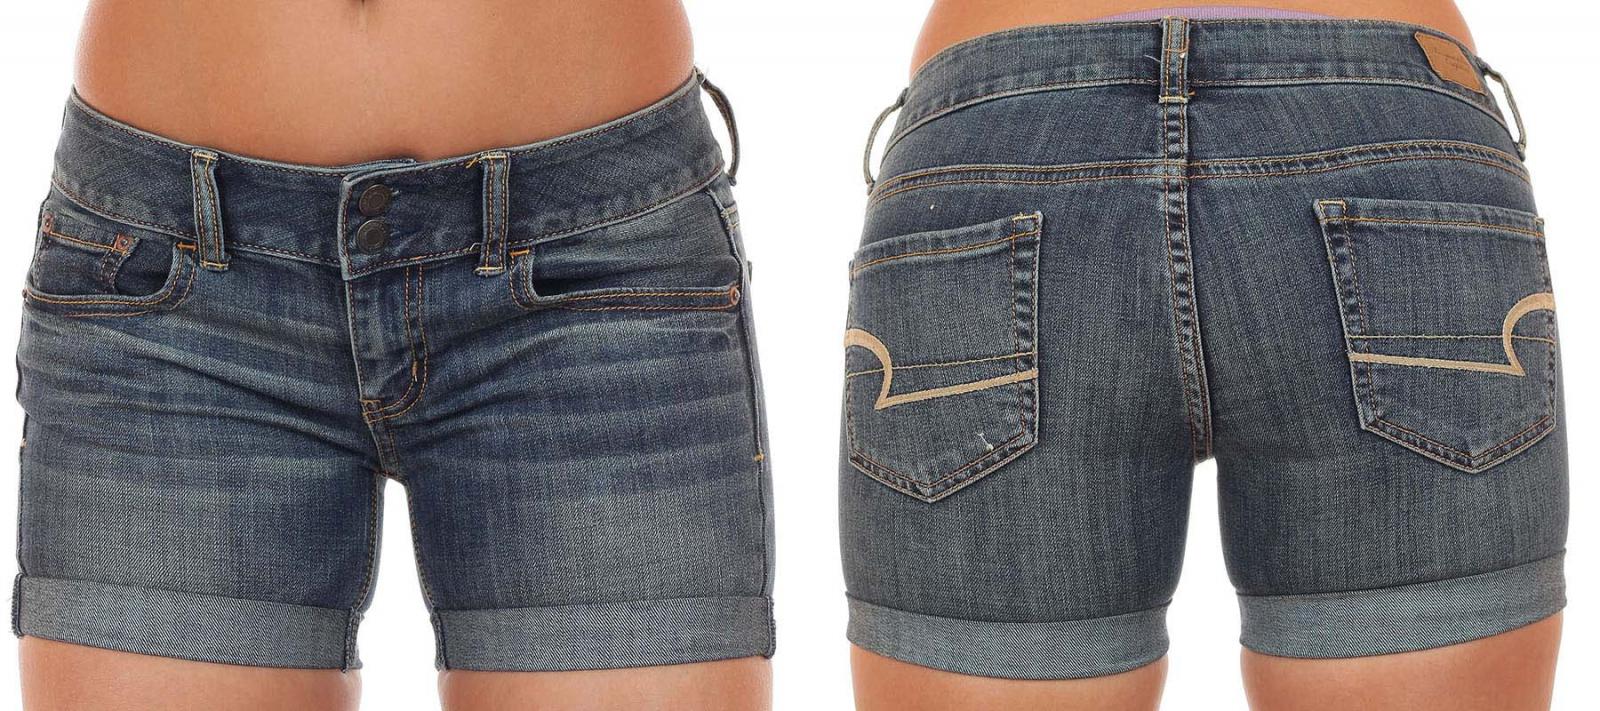 Потрясные джинсовые шорты для обольщения мужчин - доставка на выбор